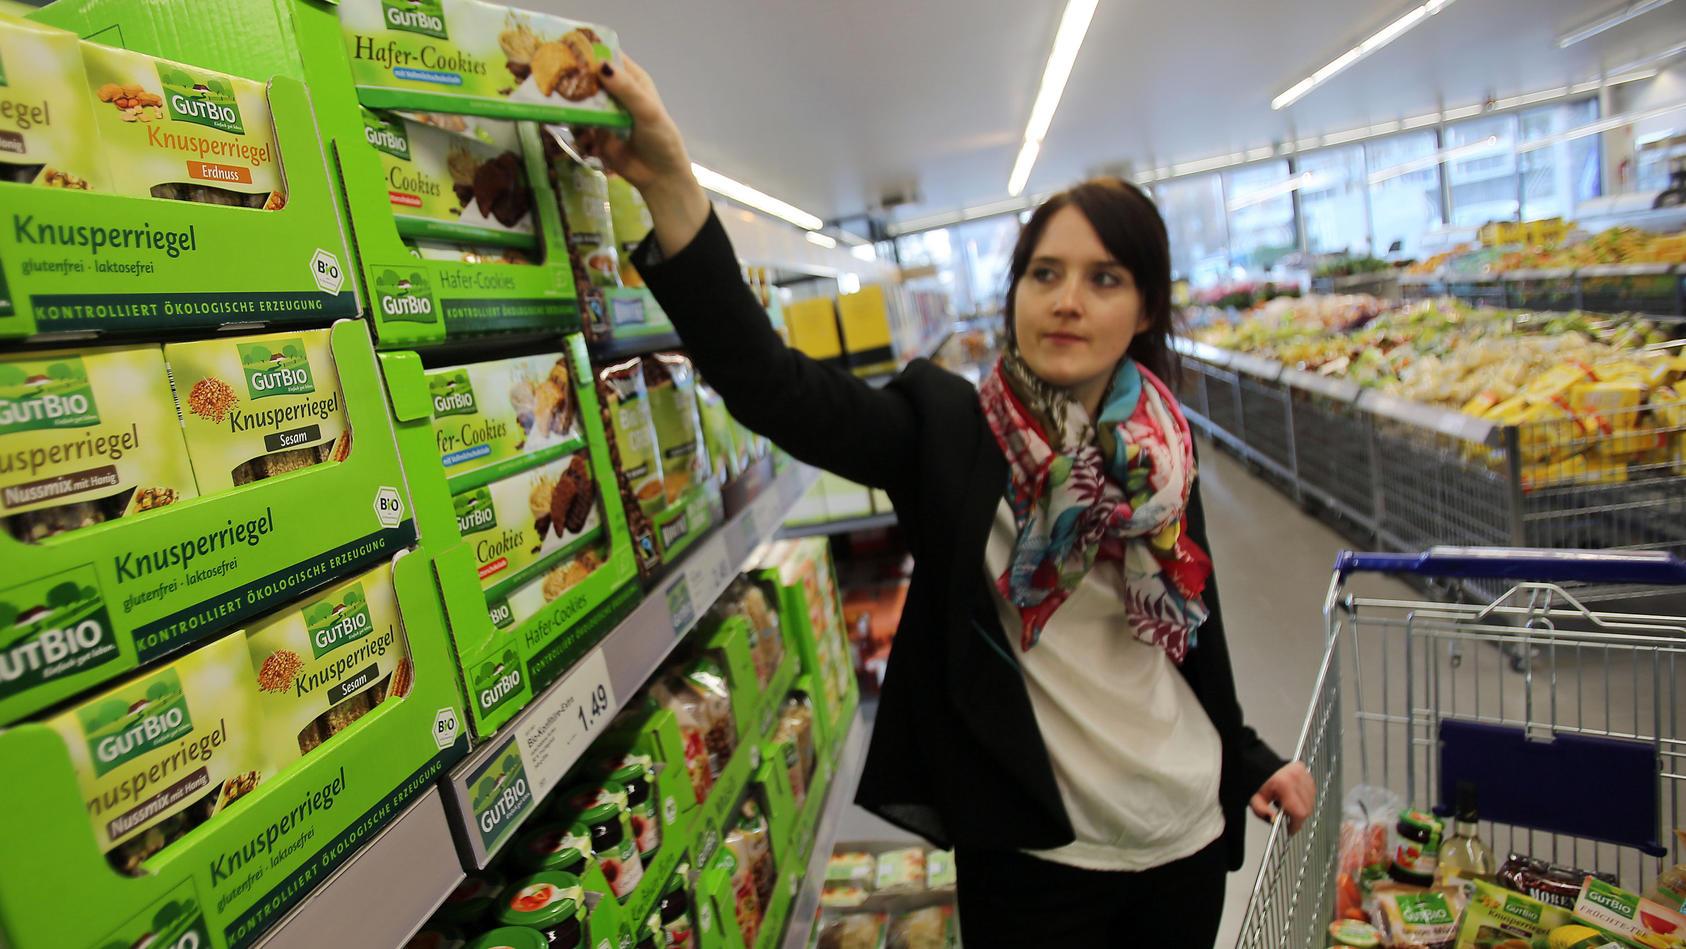 Frauen kaufen eher Bio-Lebensmittel als Männer ein.